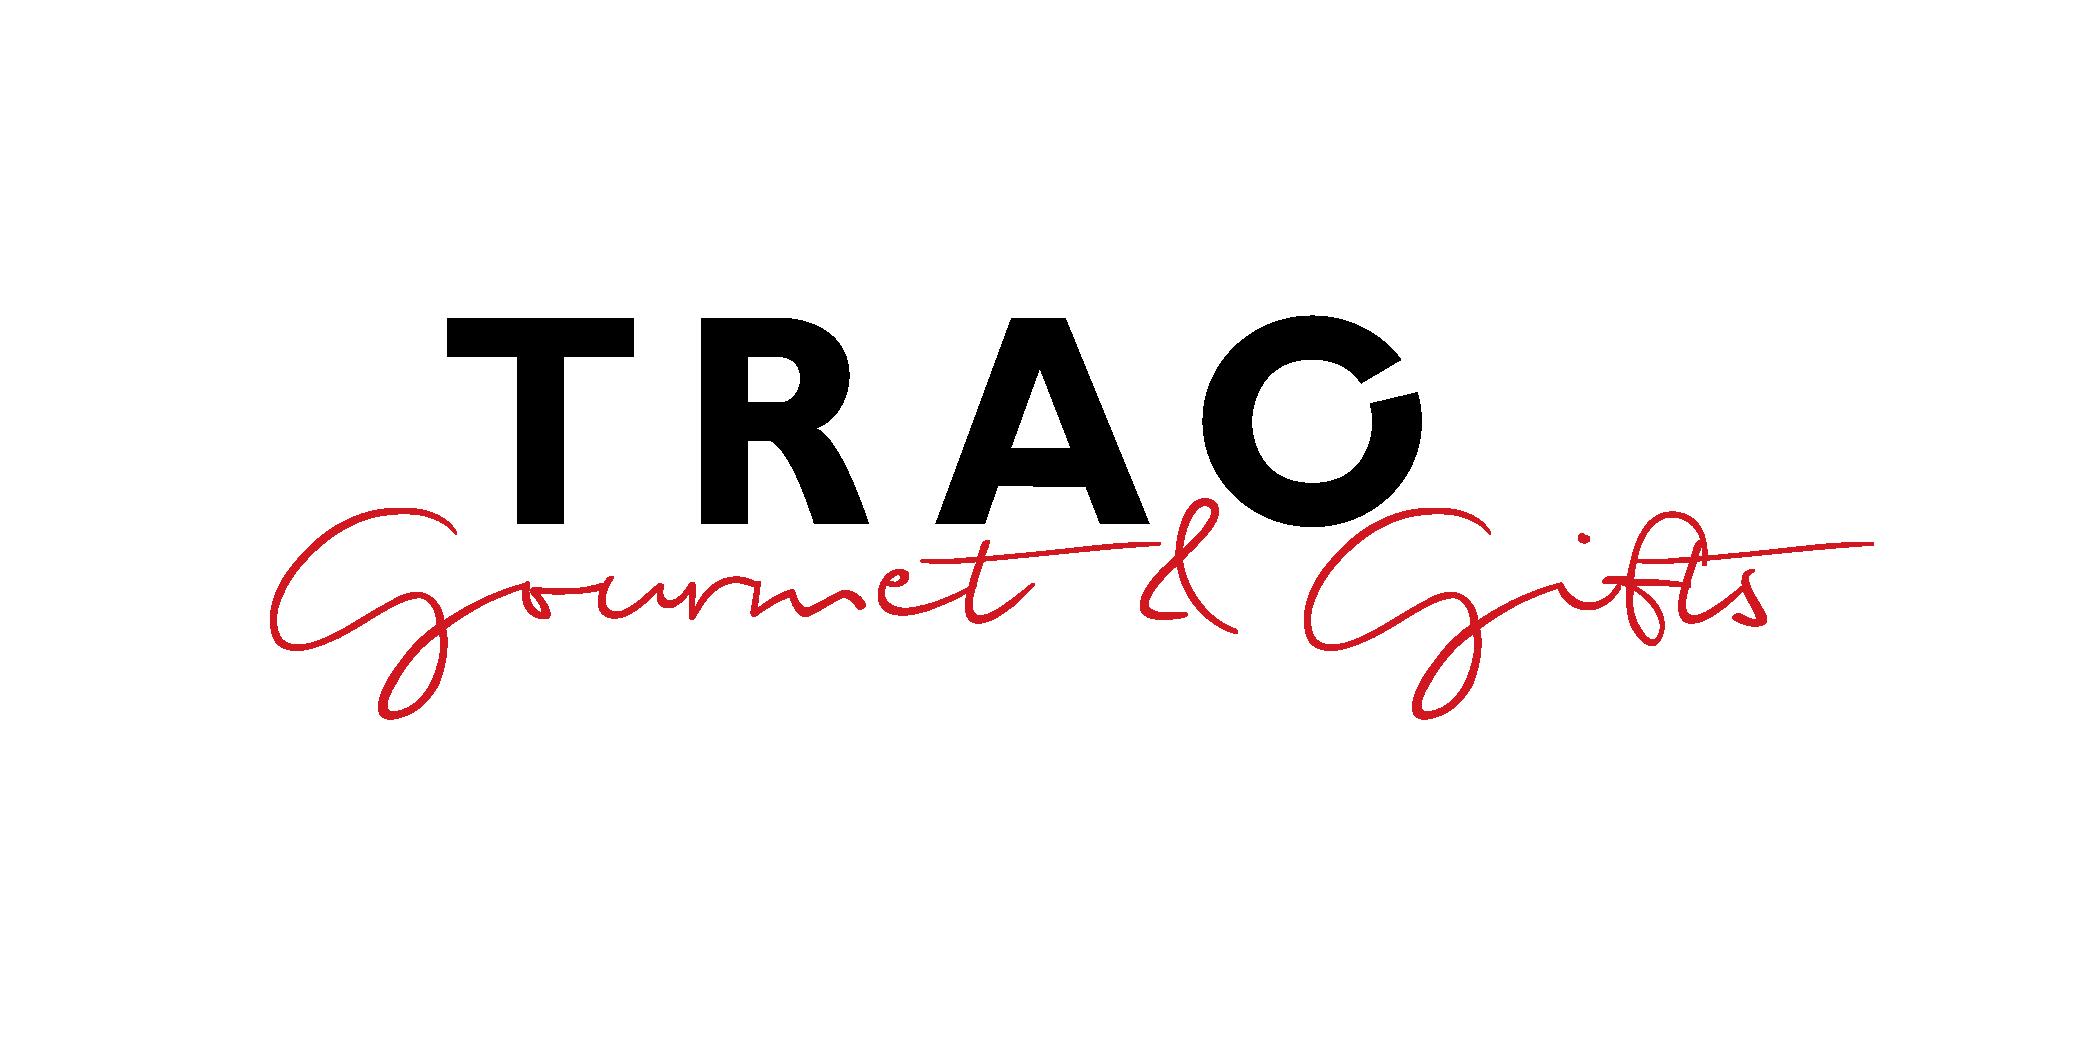 Trao Group – Sản phẩm/Quà Tết tử tế ở mức giá tử tế – Giới thiệu QUÀ TẾT, HỘP QUÀ TẾT và GIỎ QUÀ TẾT 2021